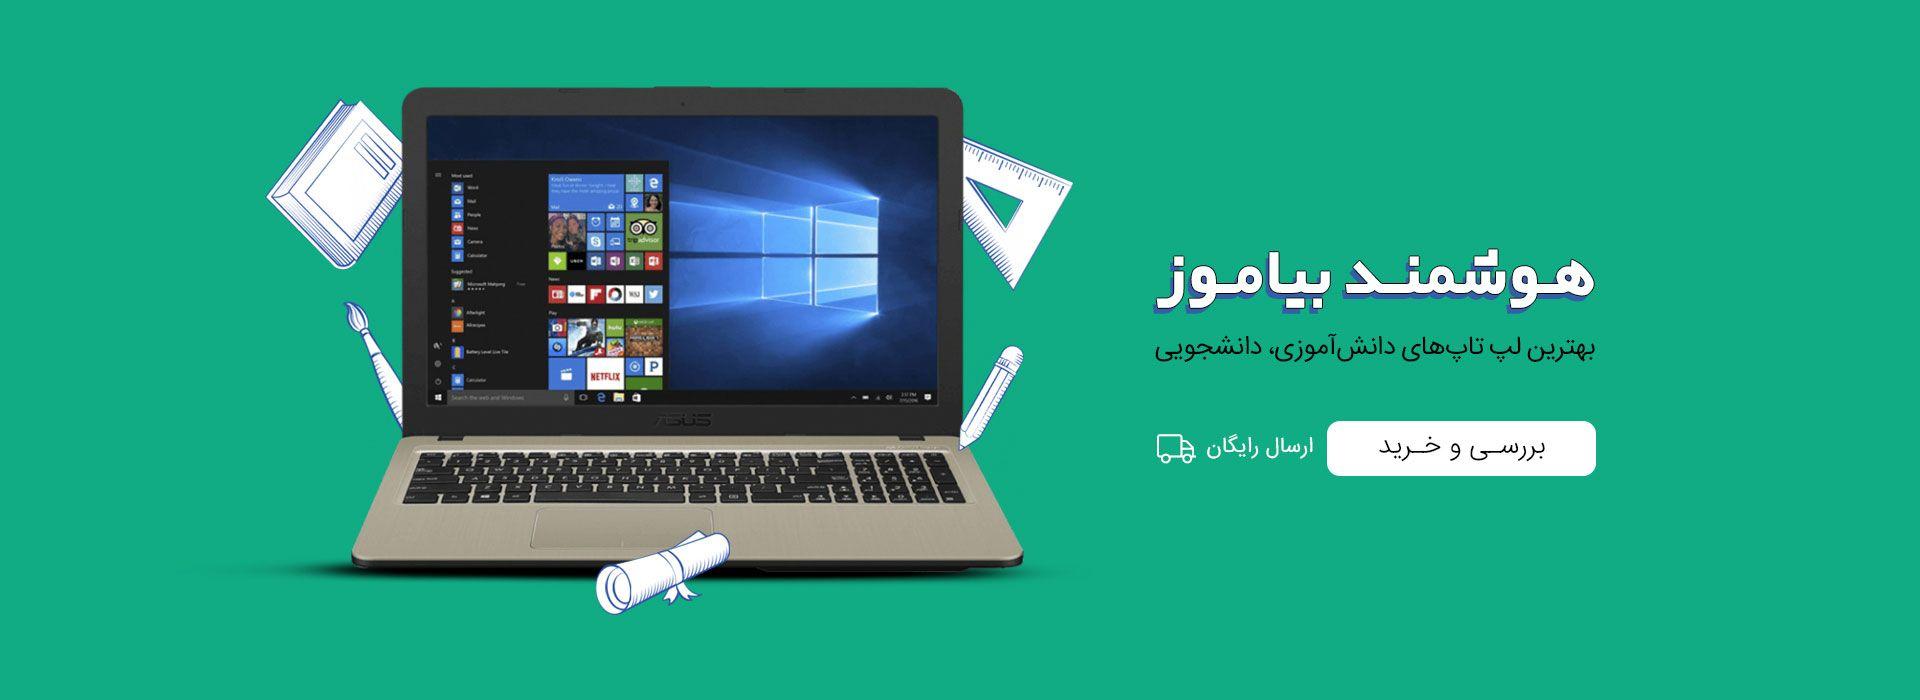 بهترین لپ تاپ های دانشجویی و دانش آموزی، گیمینگ و حرفه ای